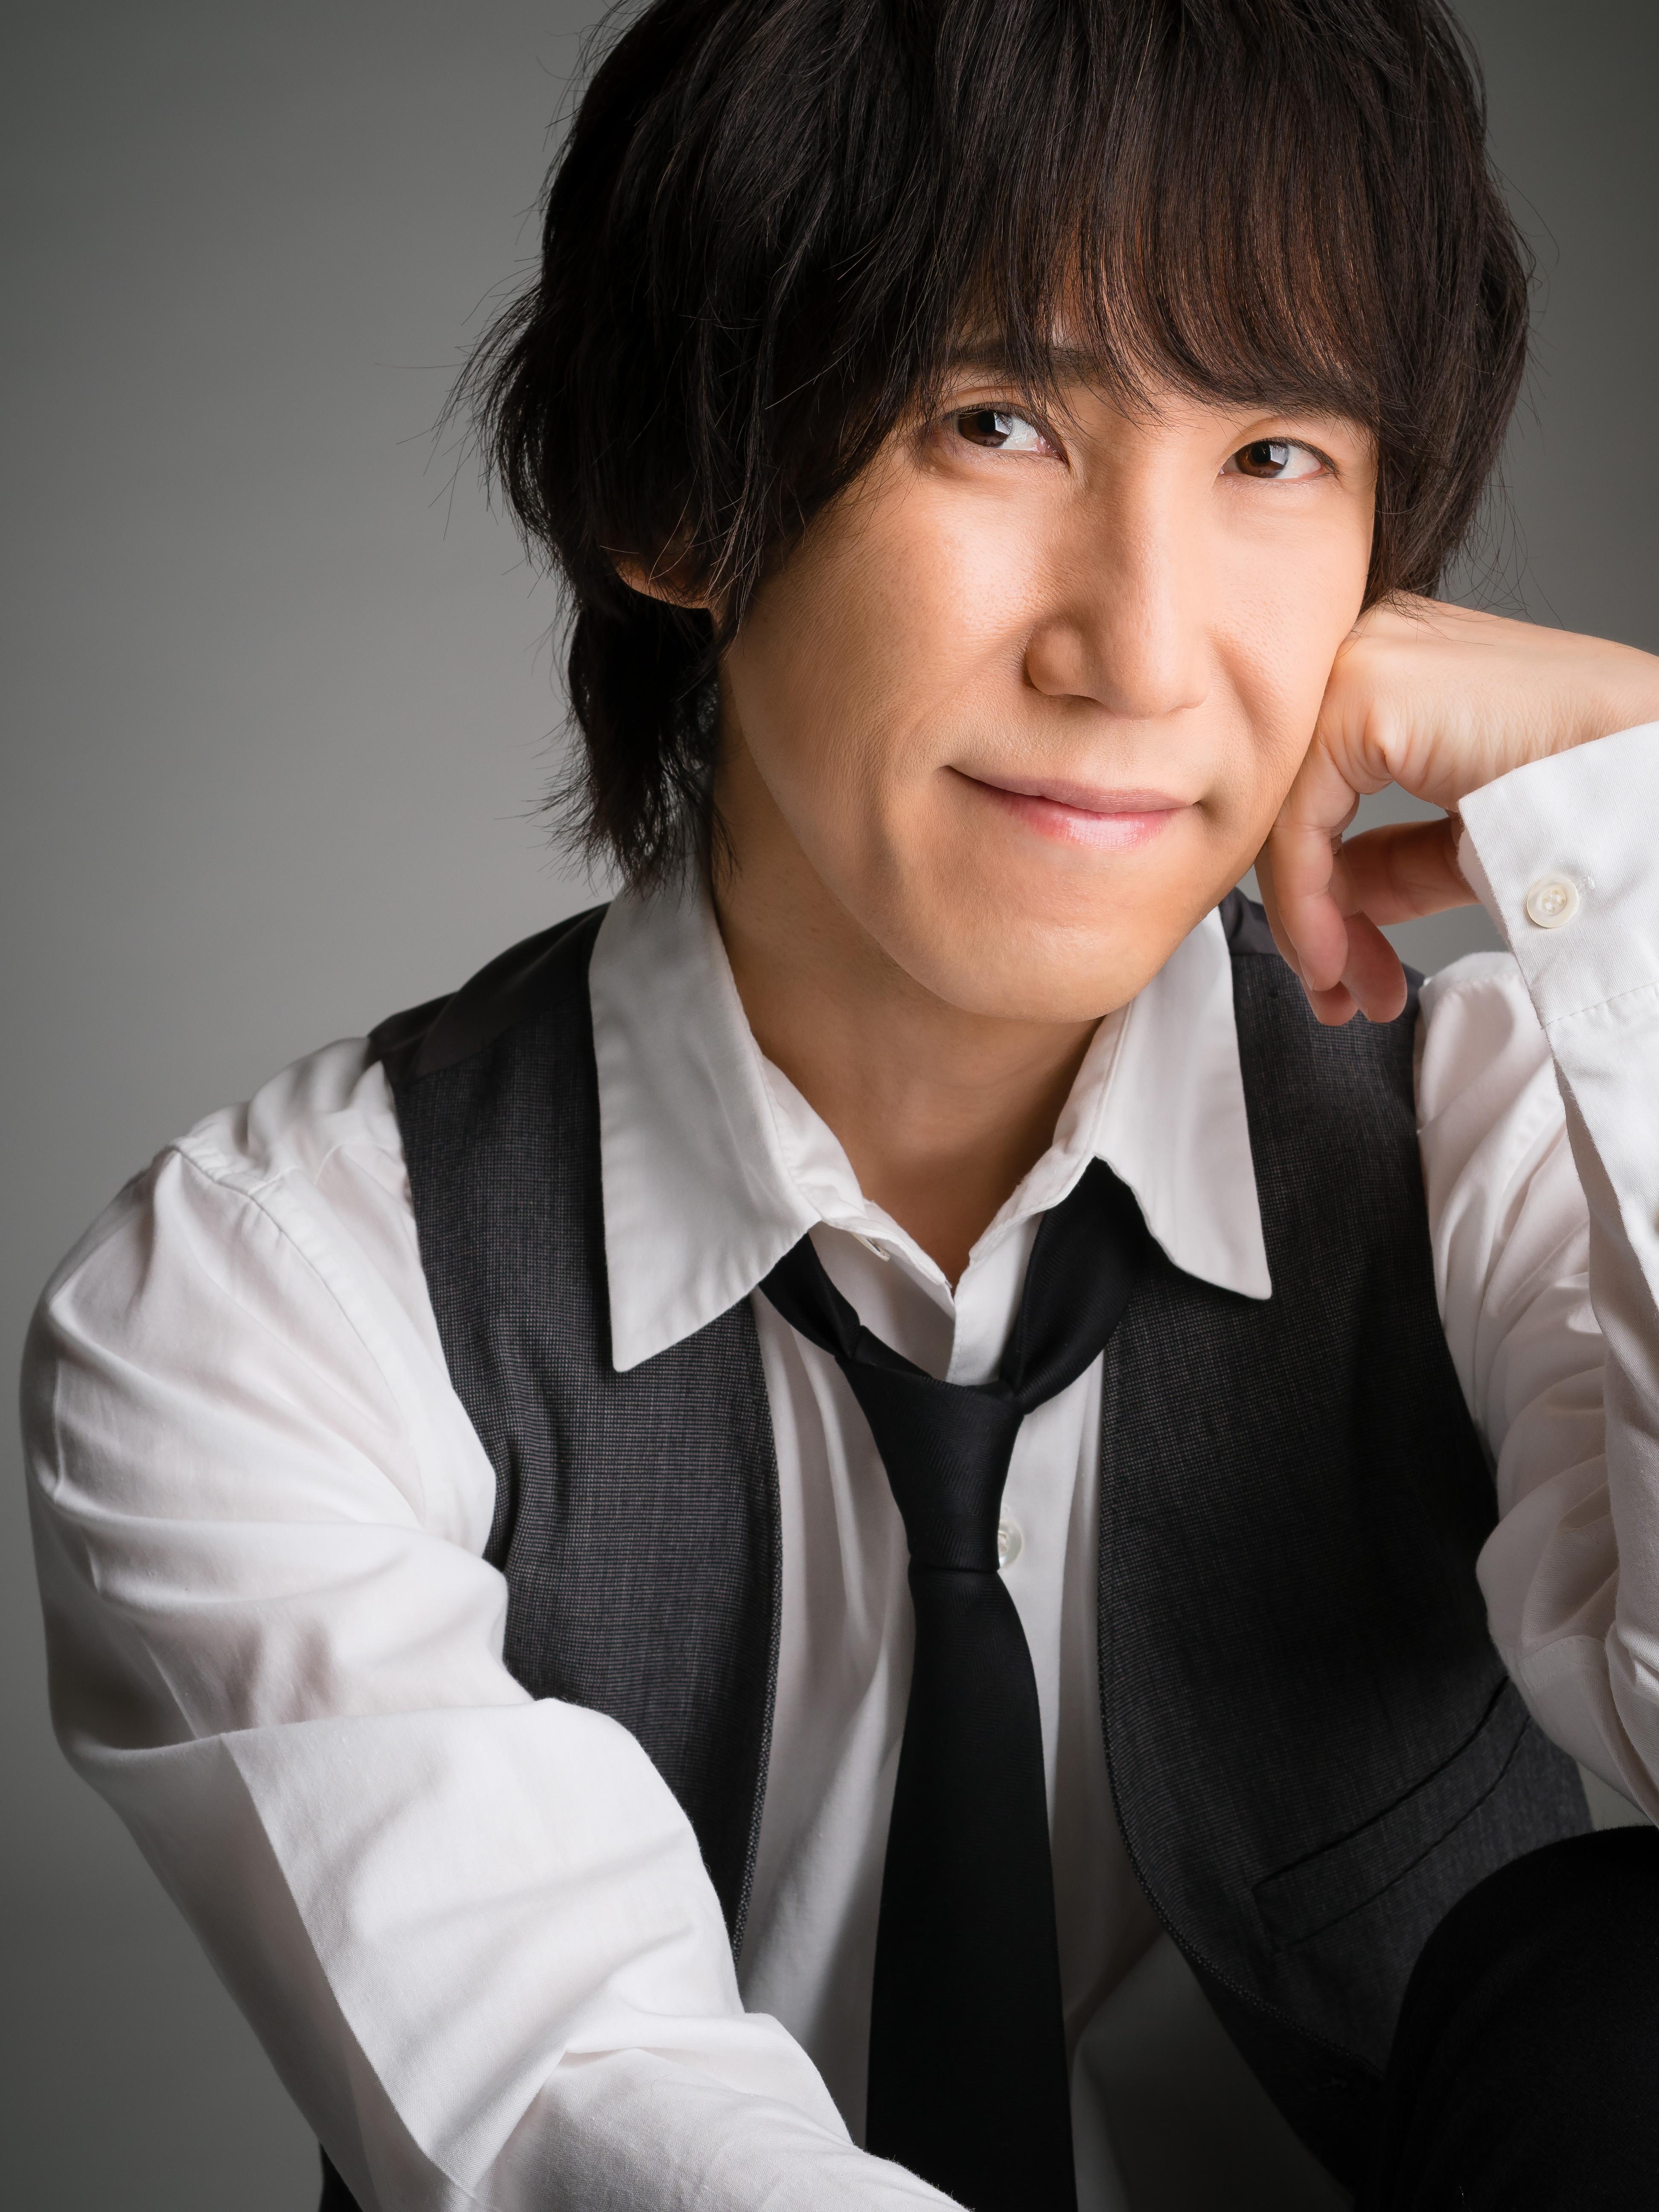 201016-31_平川大輔_宣材写真HP